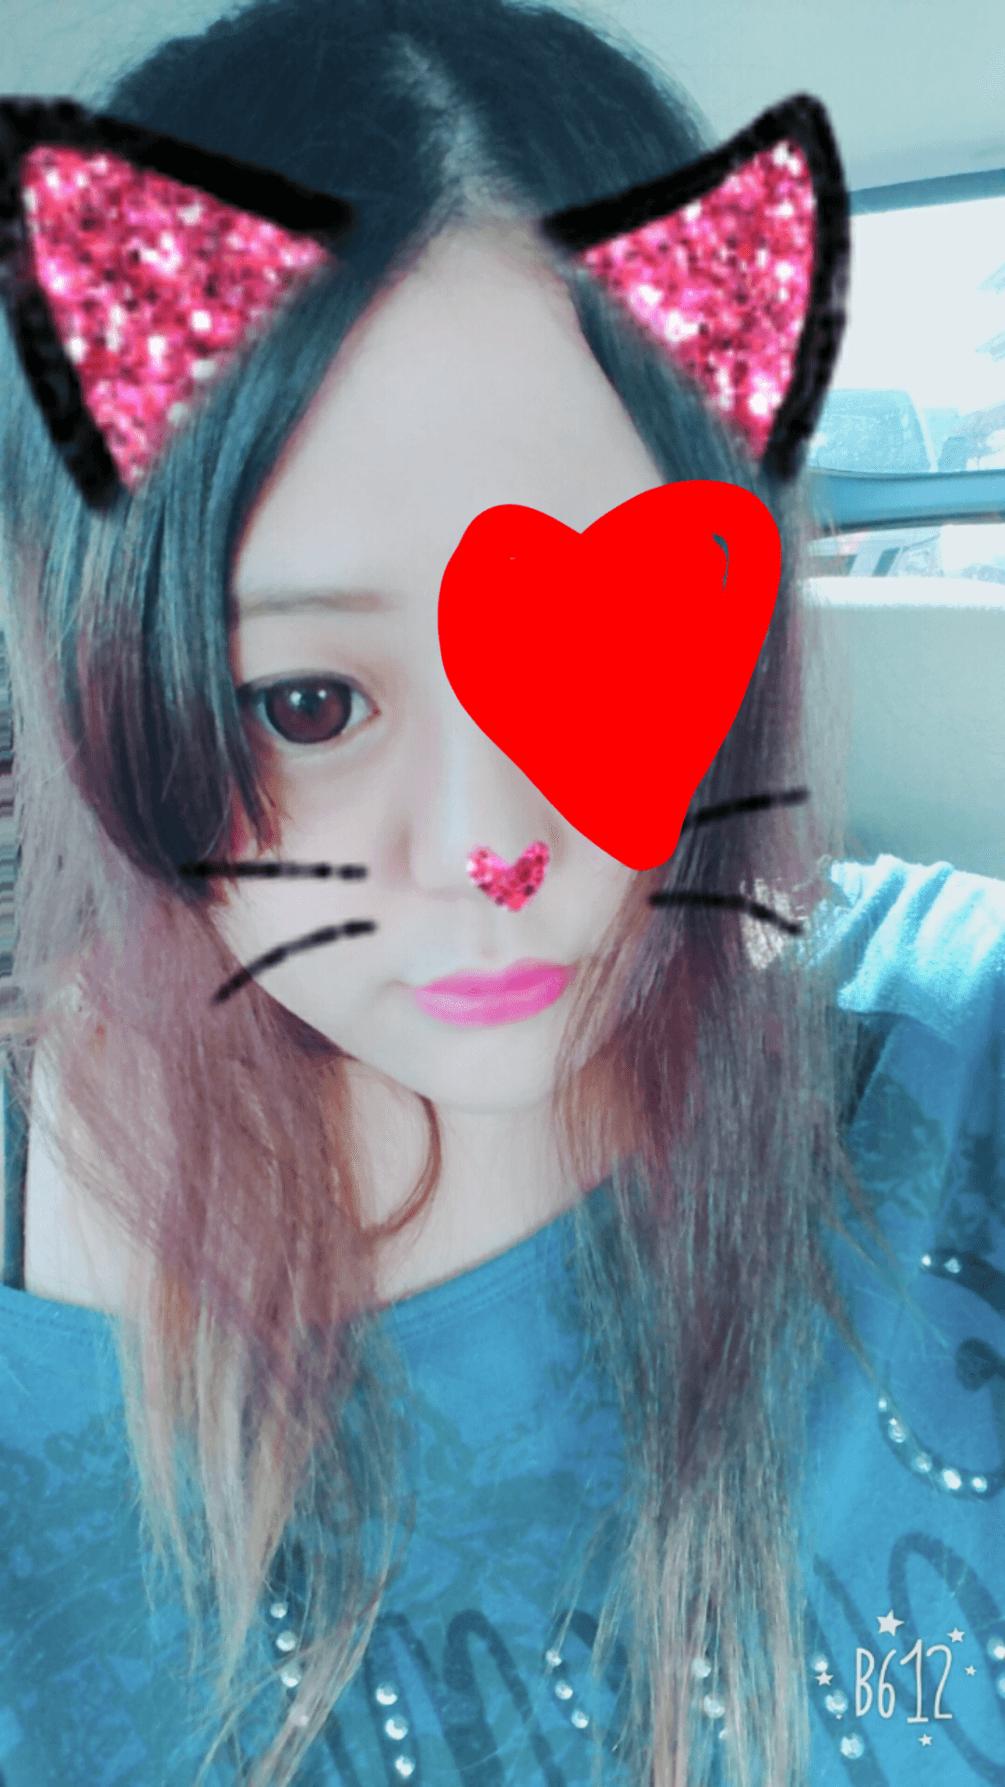 「こんにちわ」09/19(火) 16:52 | ◎新人◎ハル◎未経験アイドル◎の写メ・風俗動画